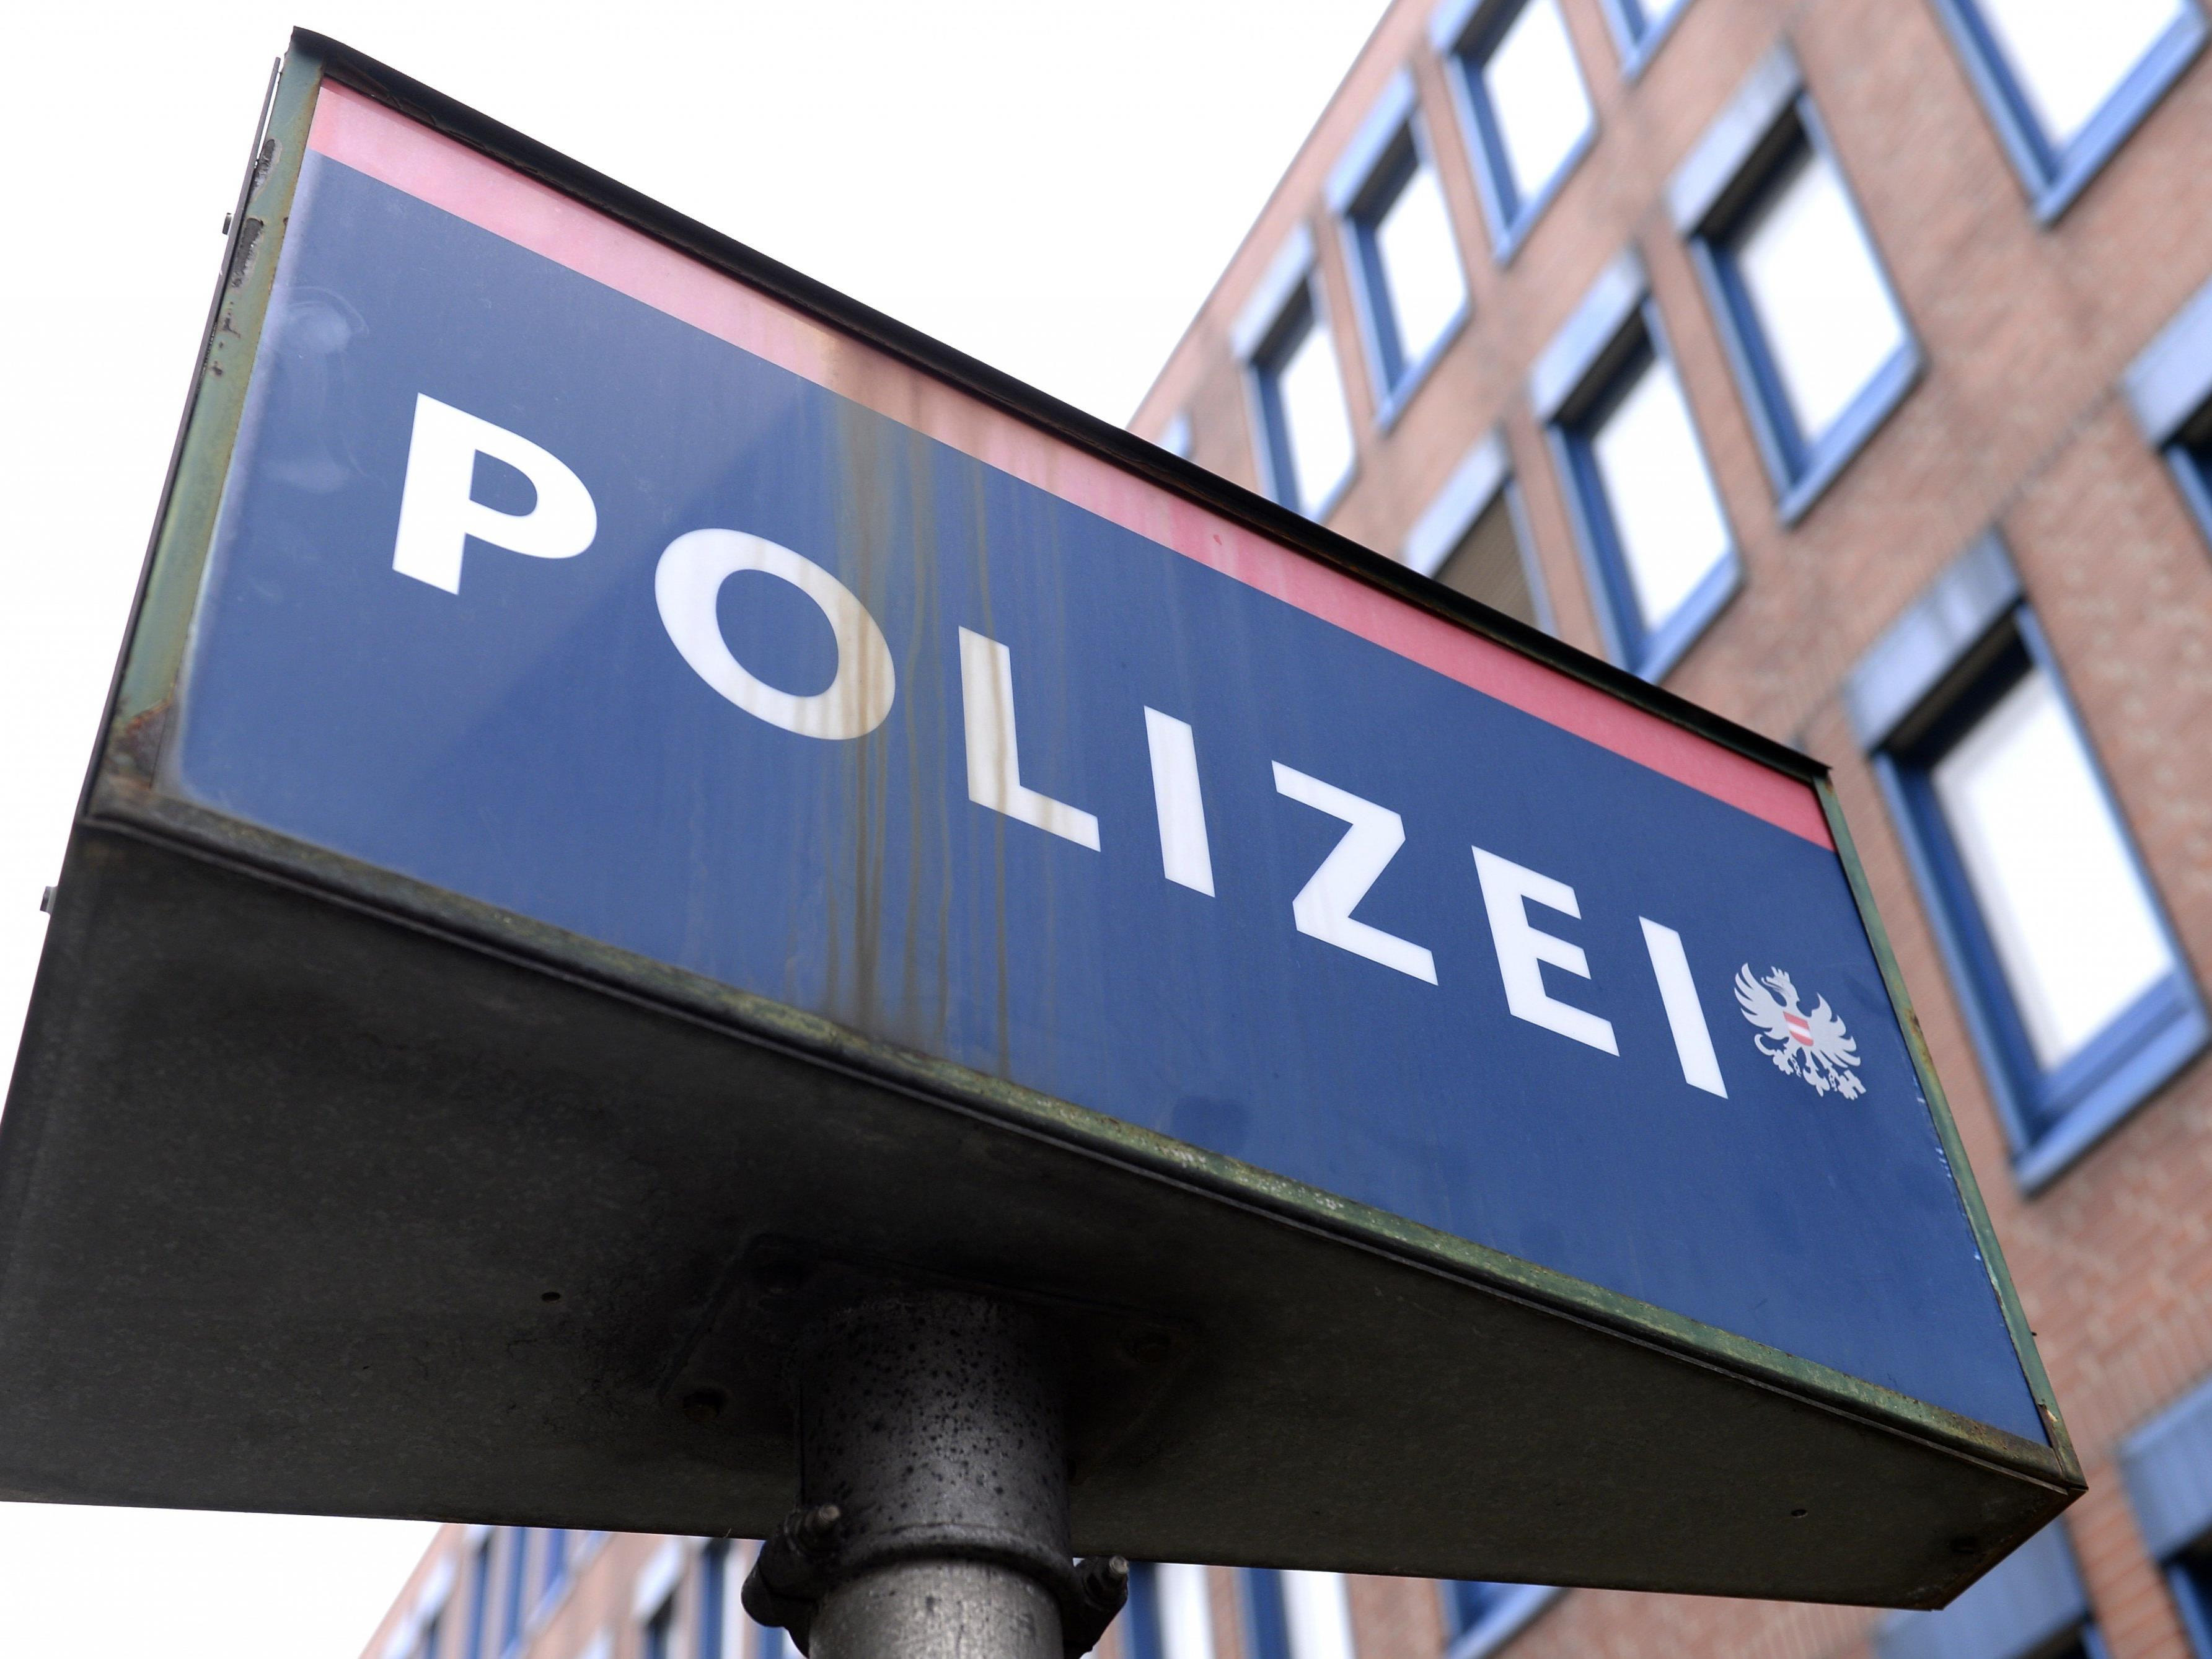 Bei der Befragung attackierte der 19-Jährige die Polizeibeamten.